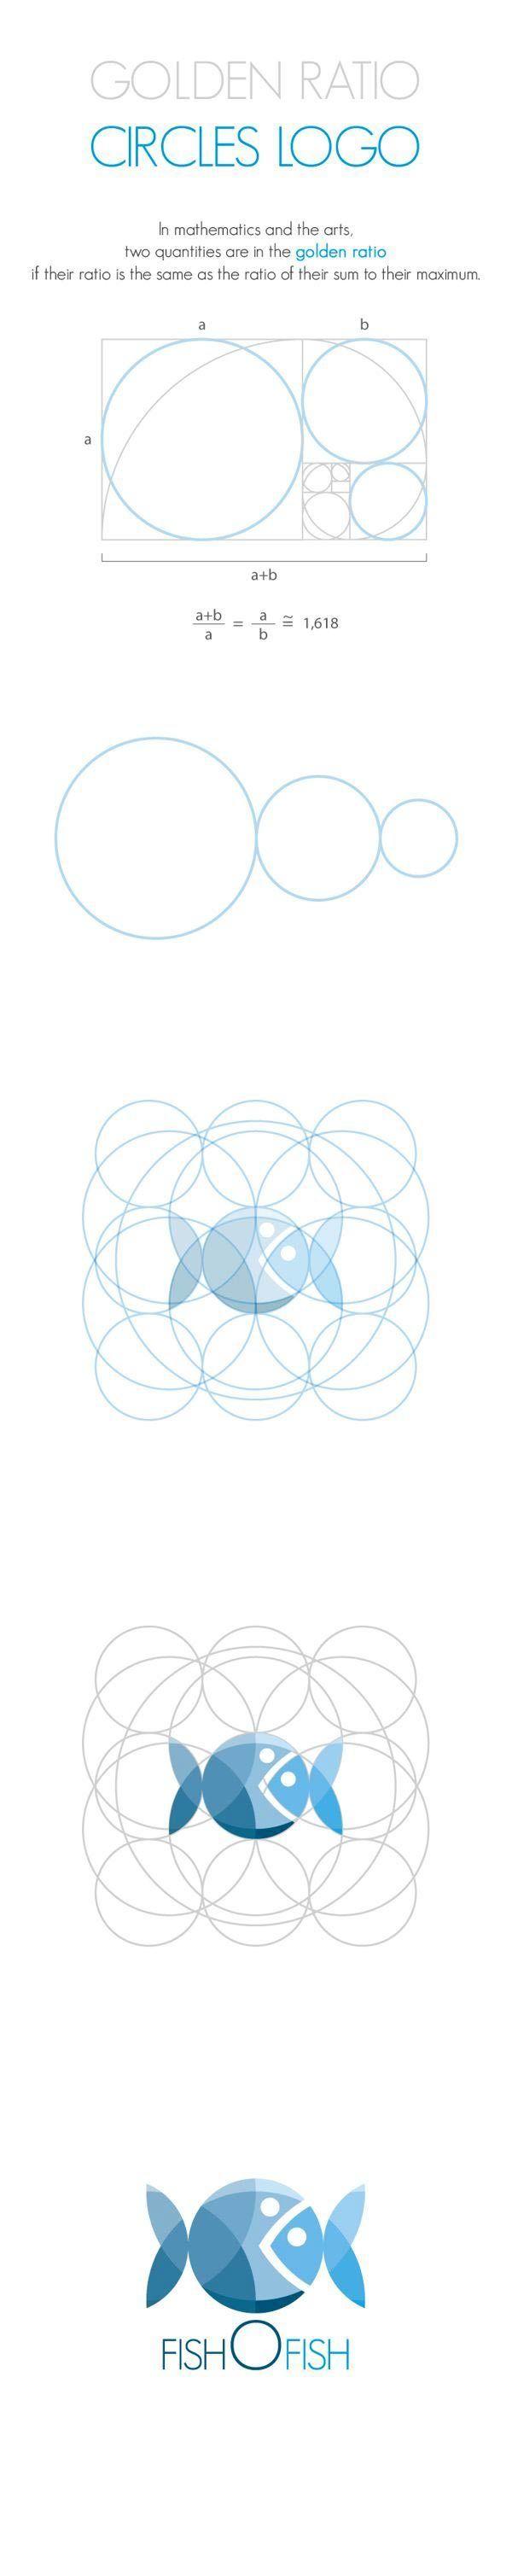 Découvrez une sélection de 30 logos avec les grilles de construction durant la phase de recherche.Besoin d'un graphiste ?Trouvez gratuitement un graphiste qualifié et disponible ! Déposez votre annonceVous êtes graphiste ? Créer un compte gratuitement Vous trouverez les étapes et les lignes de construction utilisées pour réaliser le logo. Les exemples sont variés. Certainesrecherches …